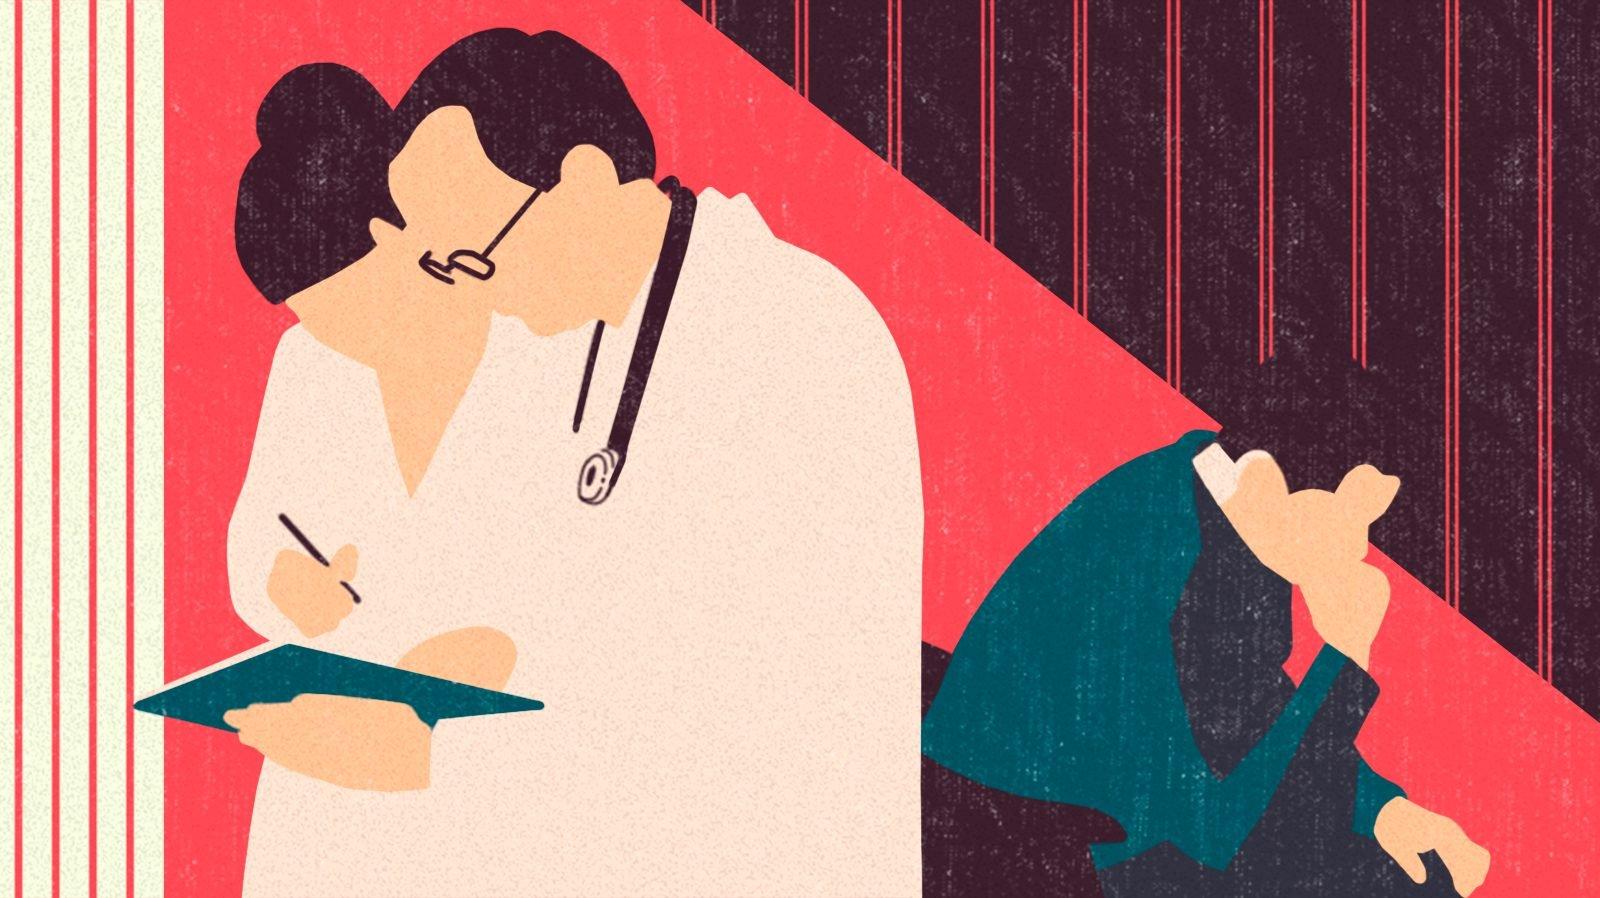 Я, ВИЧ и Другие: кому, как и когда рассказывать о своём статусе?